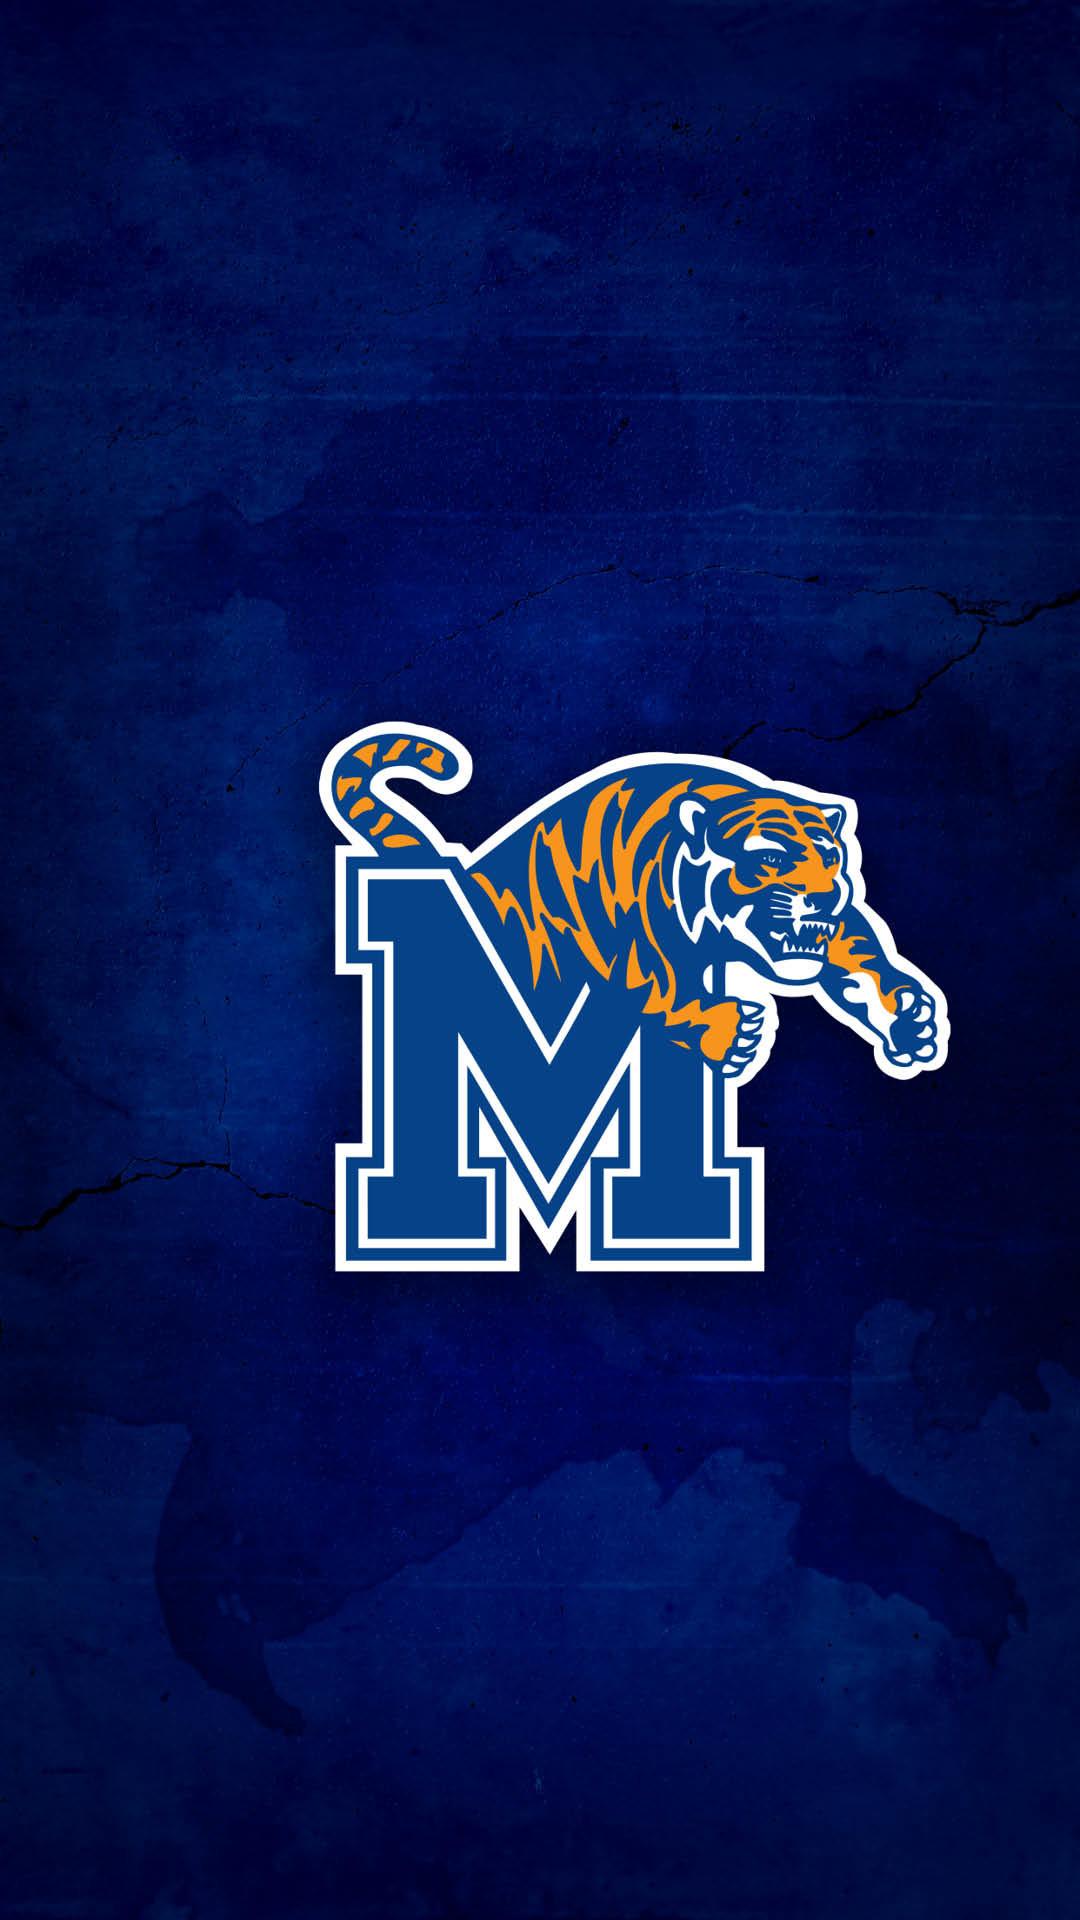 Memphis Tigers Wallpaper 71 Images